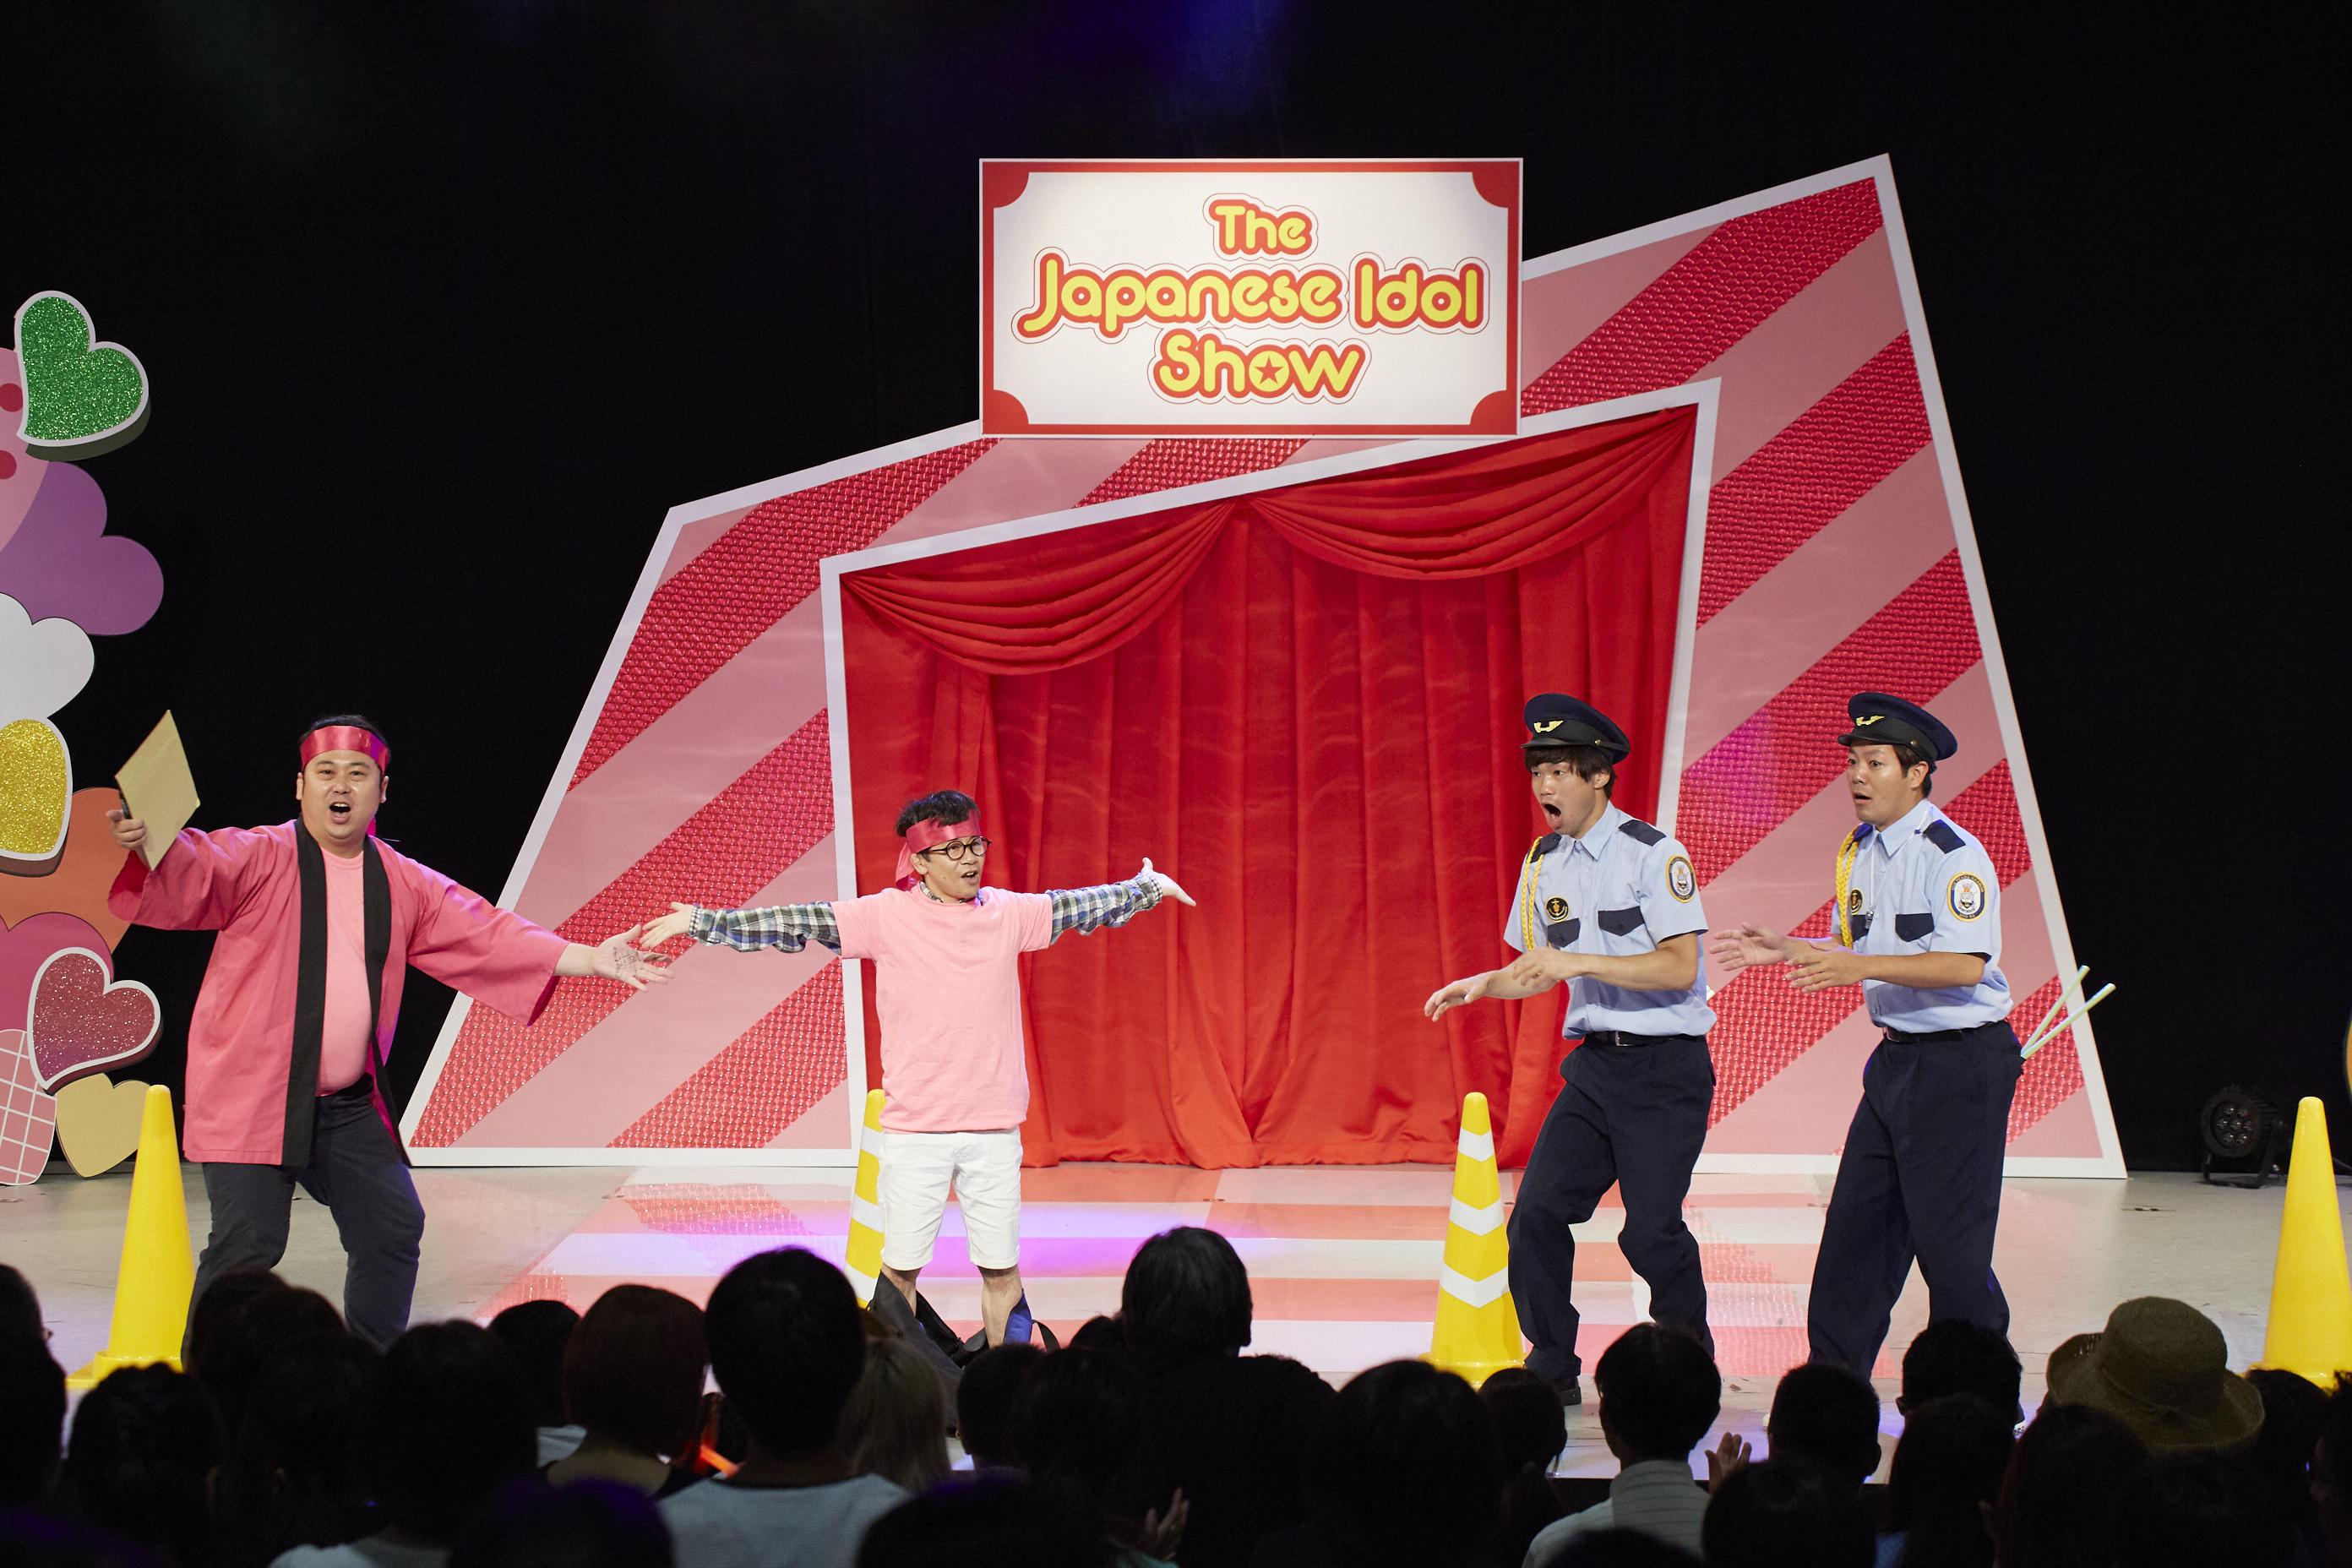 http://news.yoshimoto.co.jp/20180704093432-292f4ed18aa718f10c7ab0bb779fb0b1d5e0b01a.jpg